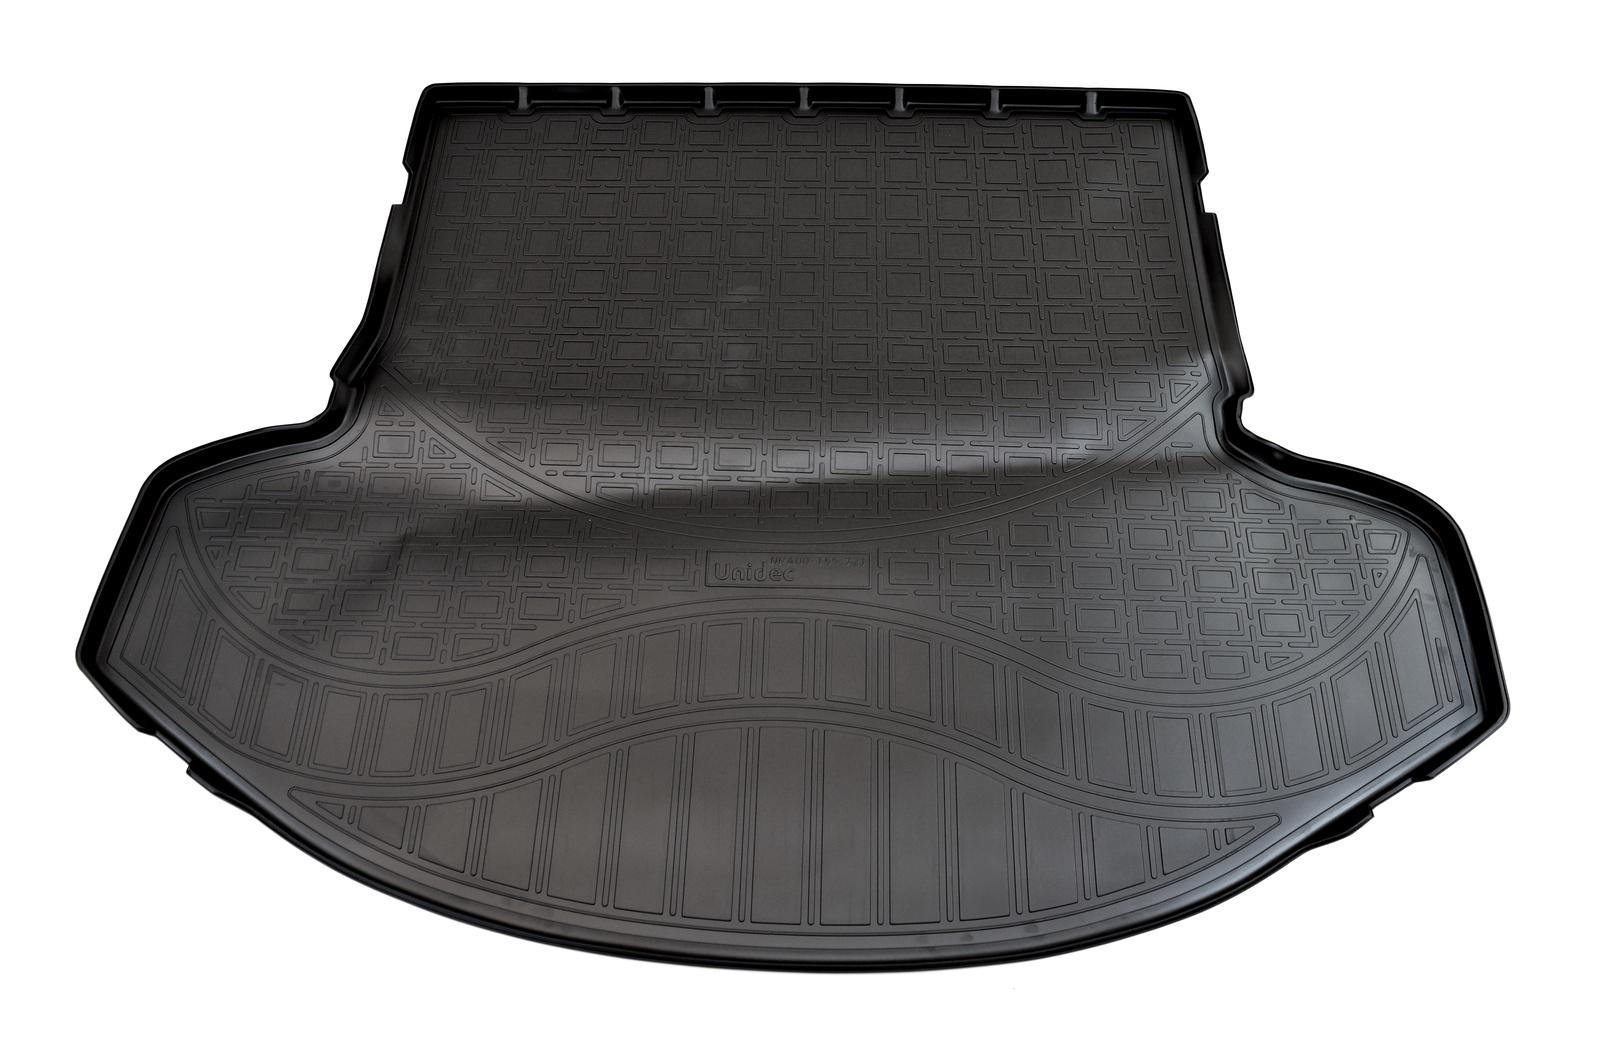 Коврик для багажника Norplast для Mazda CX-9 II, 2017, 5 мест, сложенный 3 ряд, NPA00-T55-721, черный коврик для 7 мест ряд norplast npa00c31521